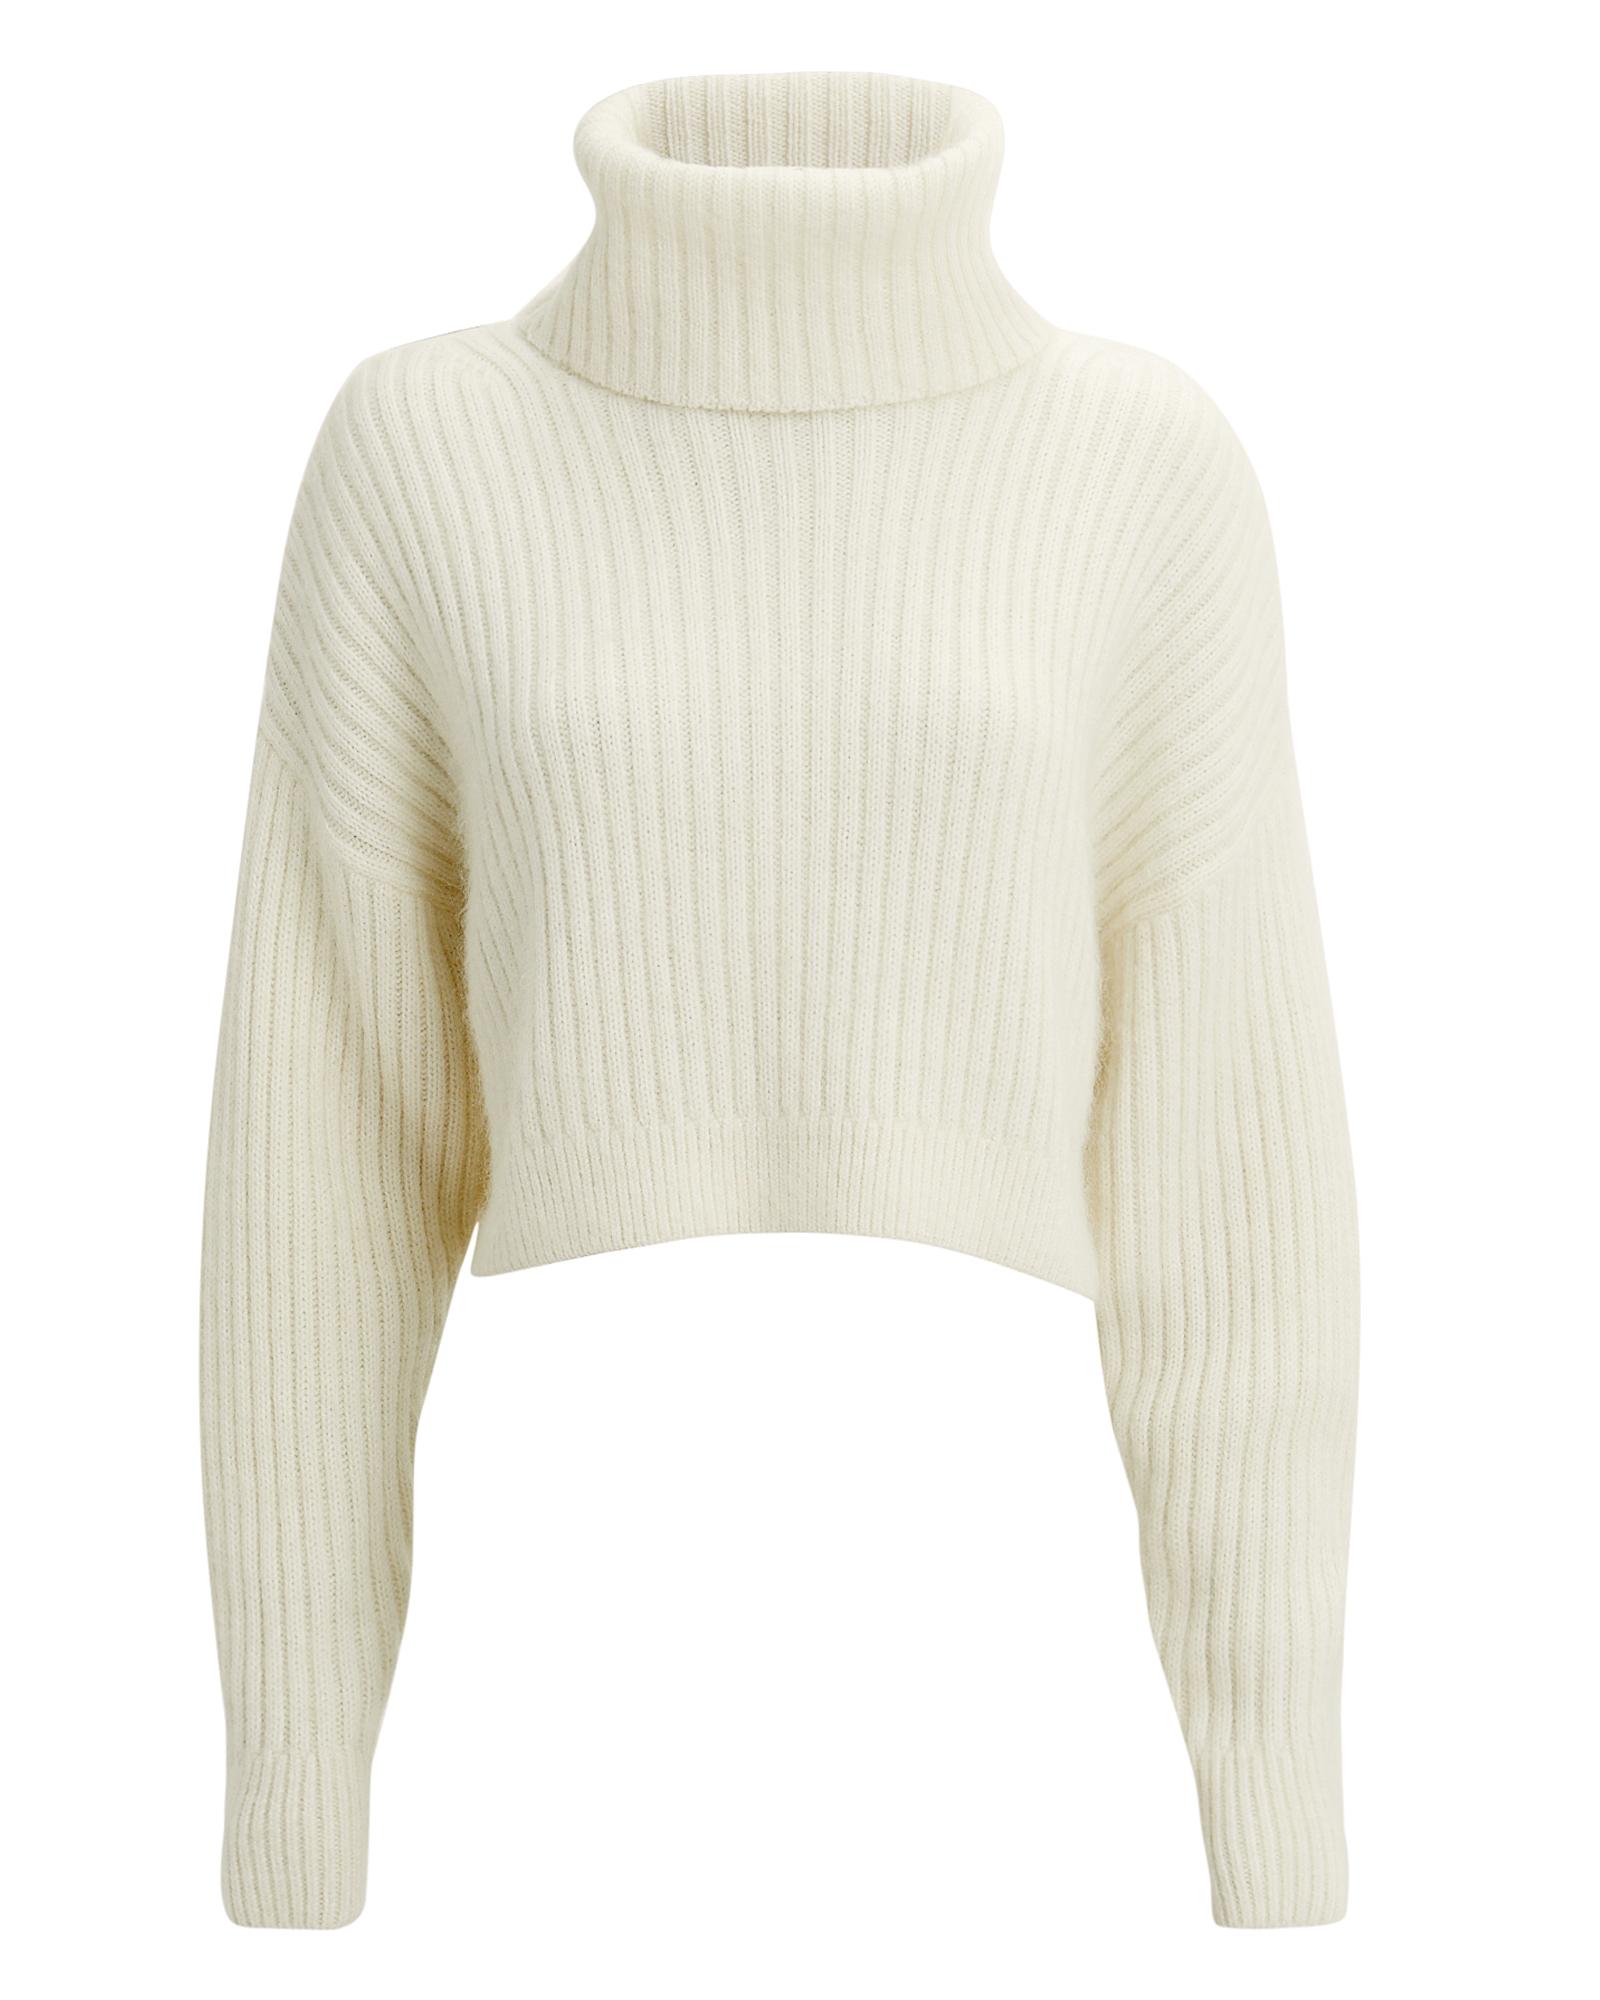 PHILLIP LIM Oversized White Mohair Turtleneck